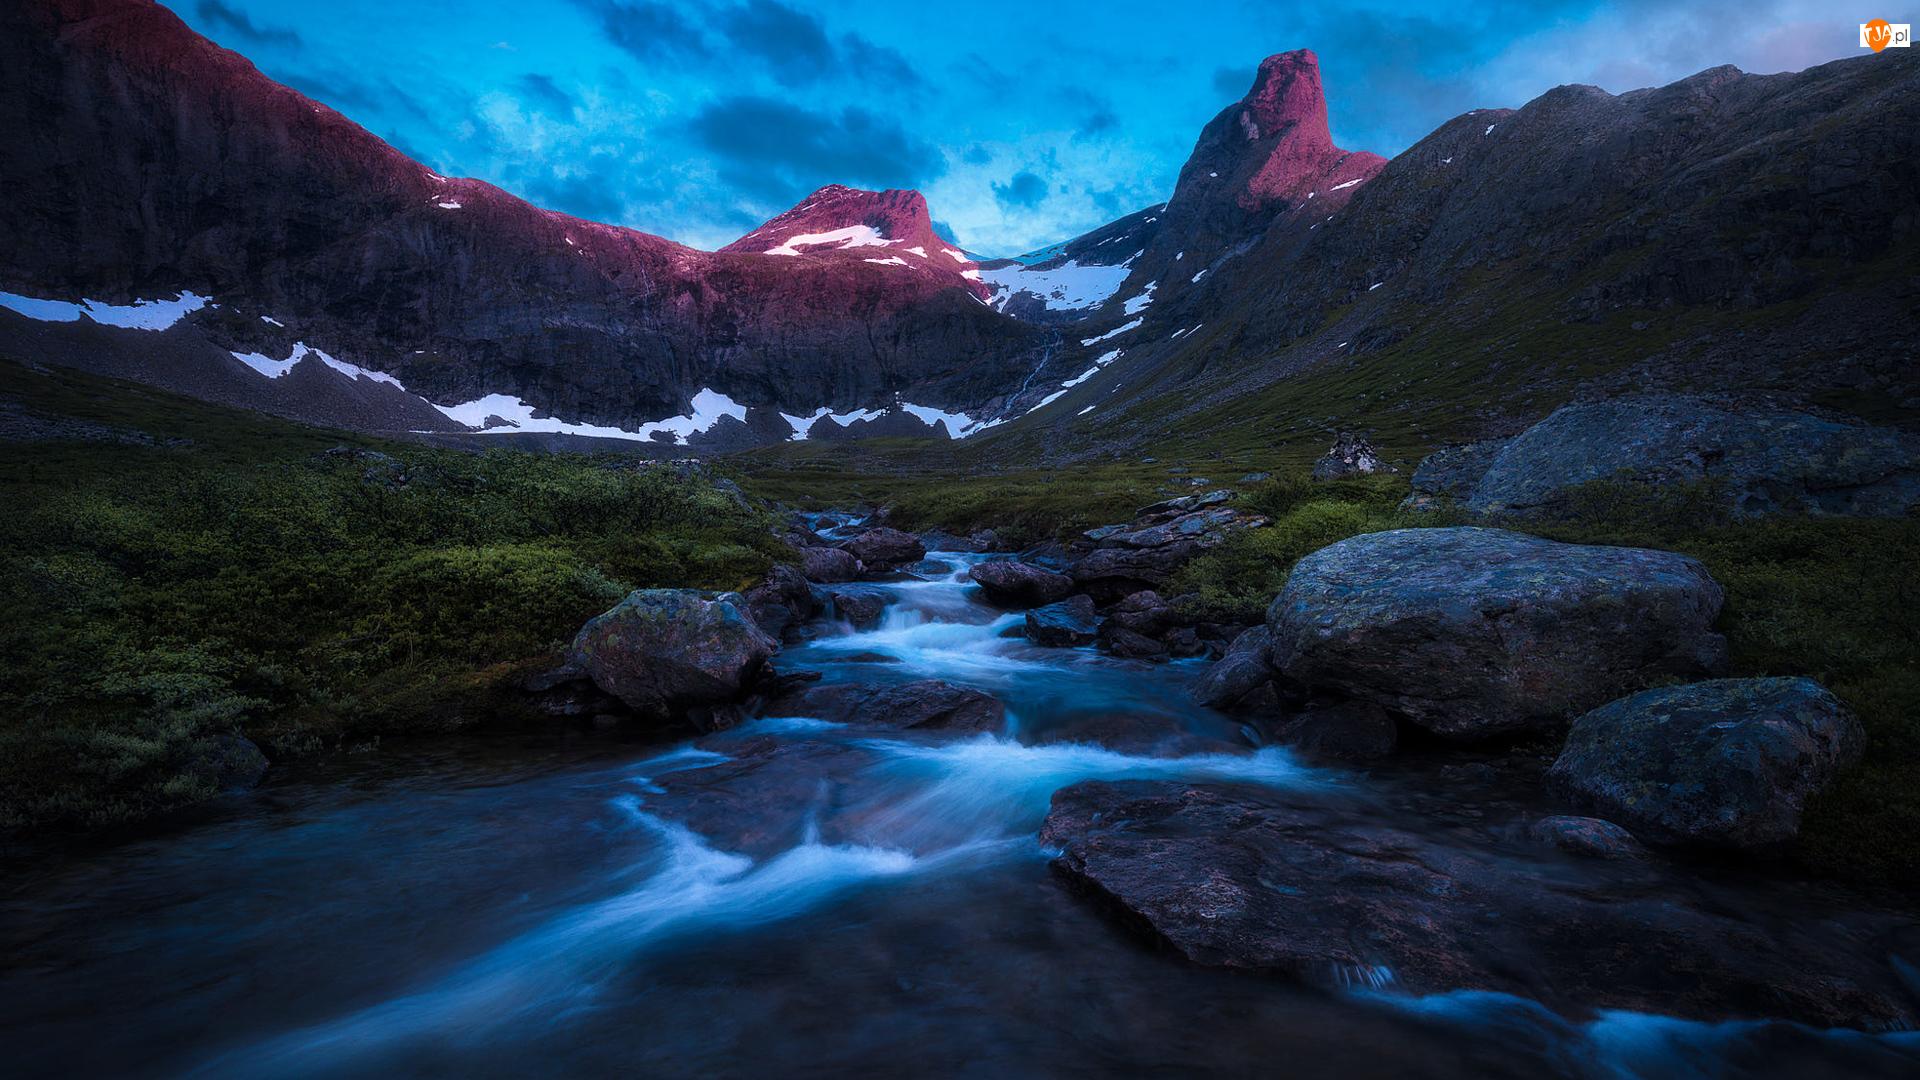 Kamienie, Góry, Strumień